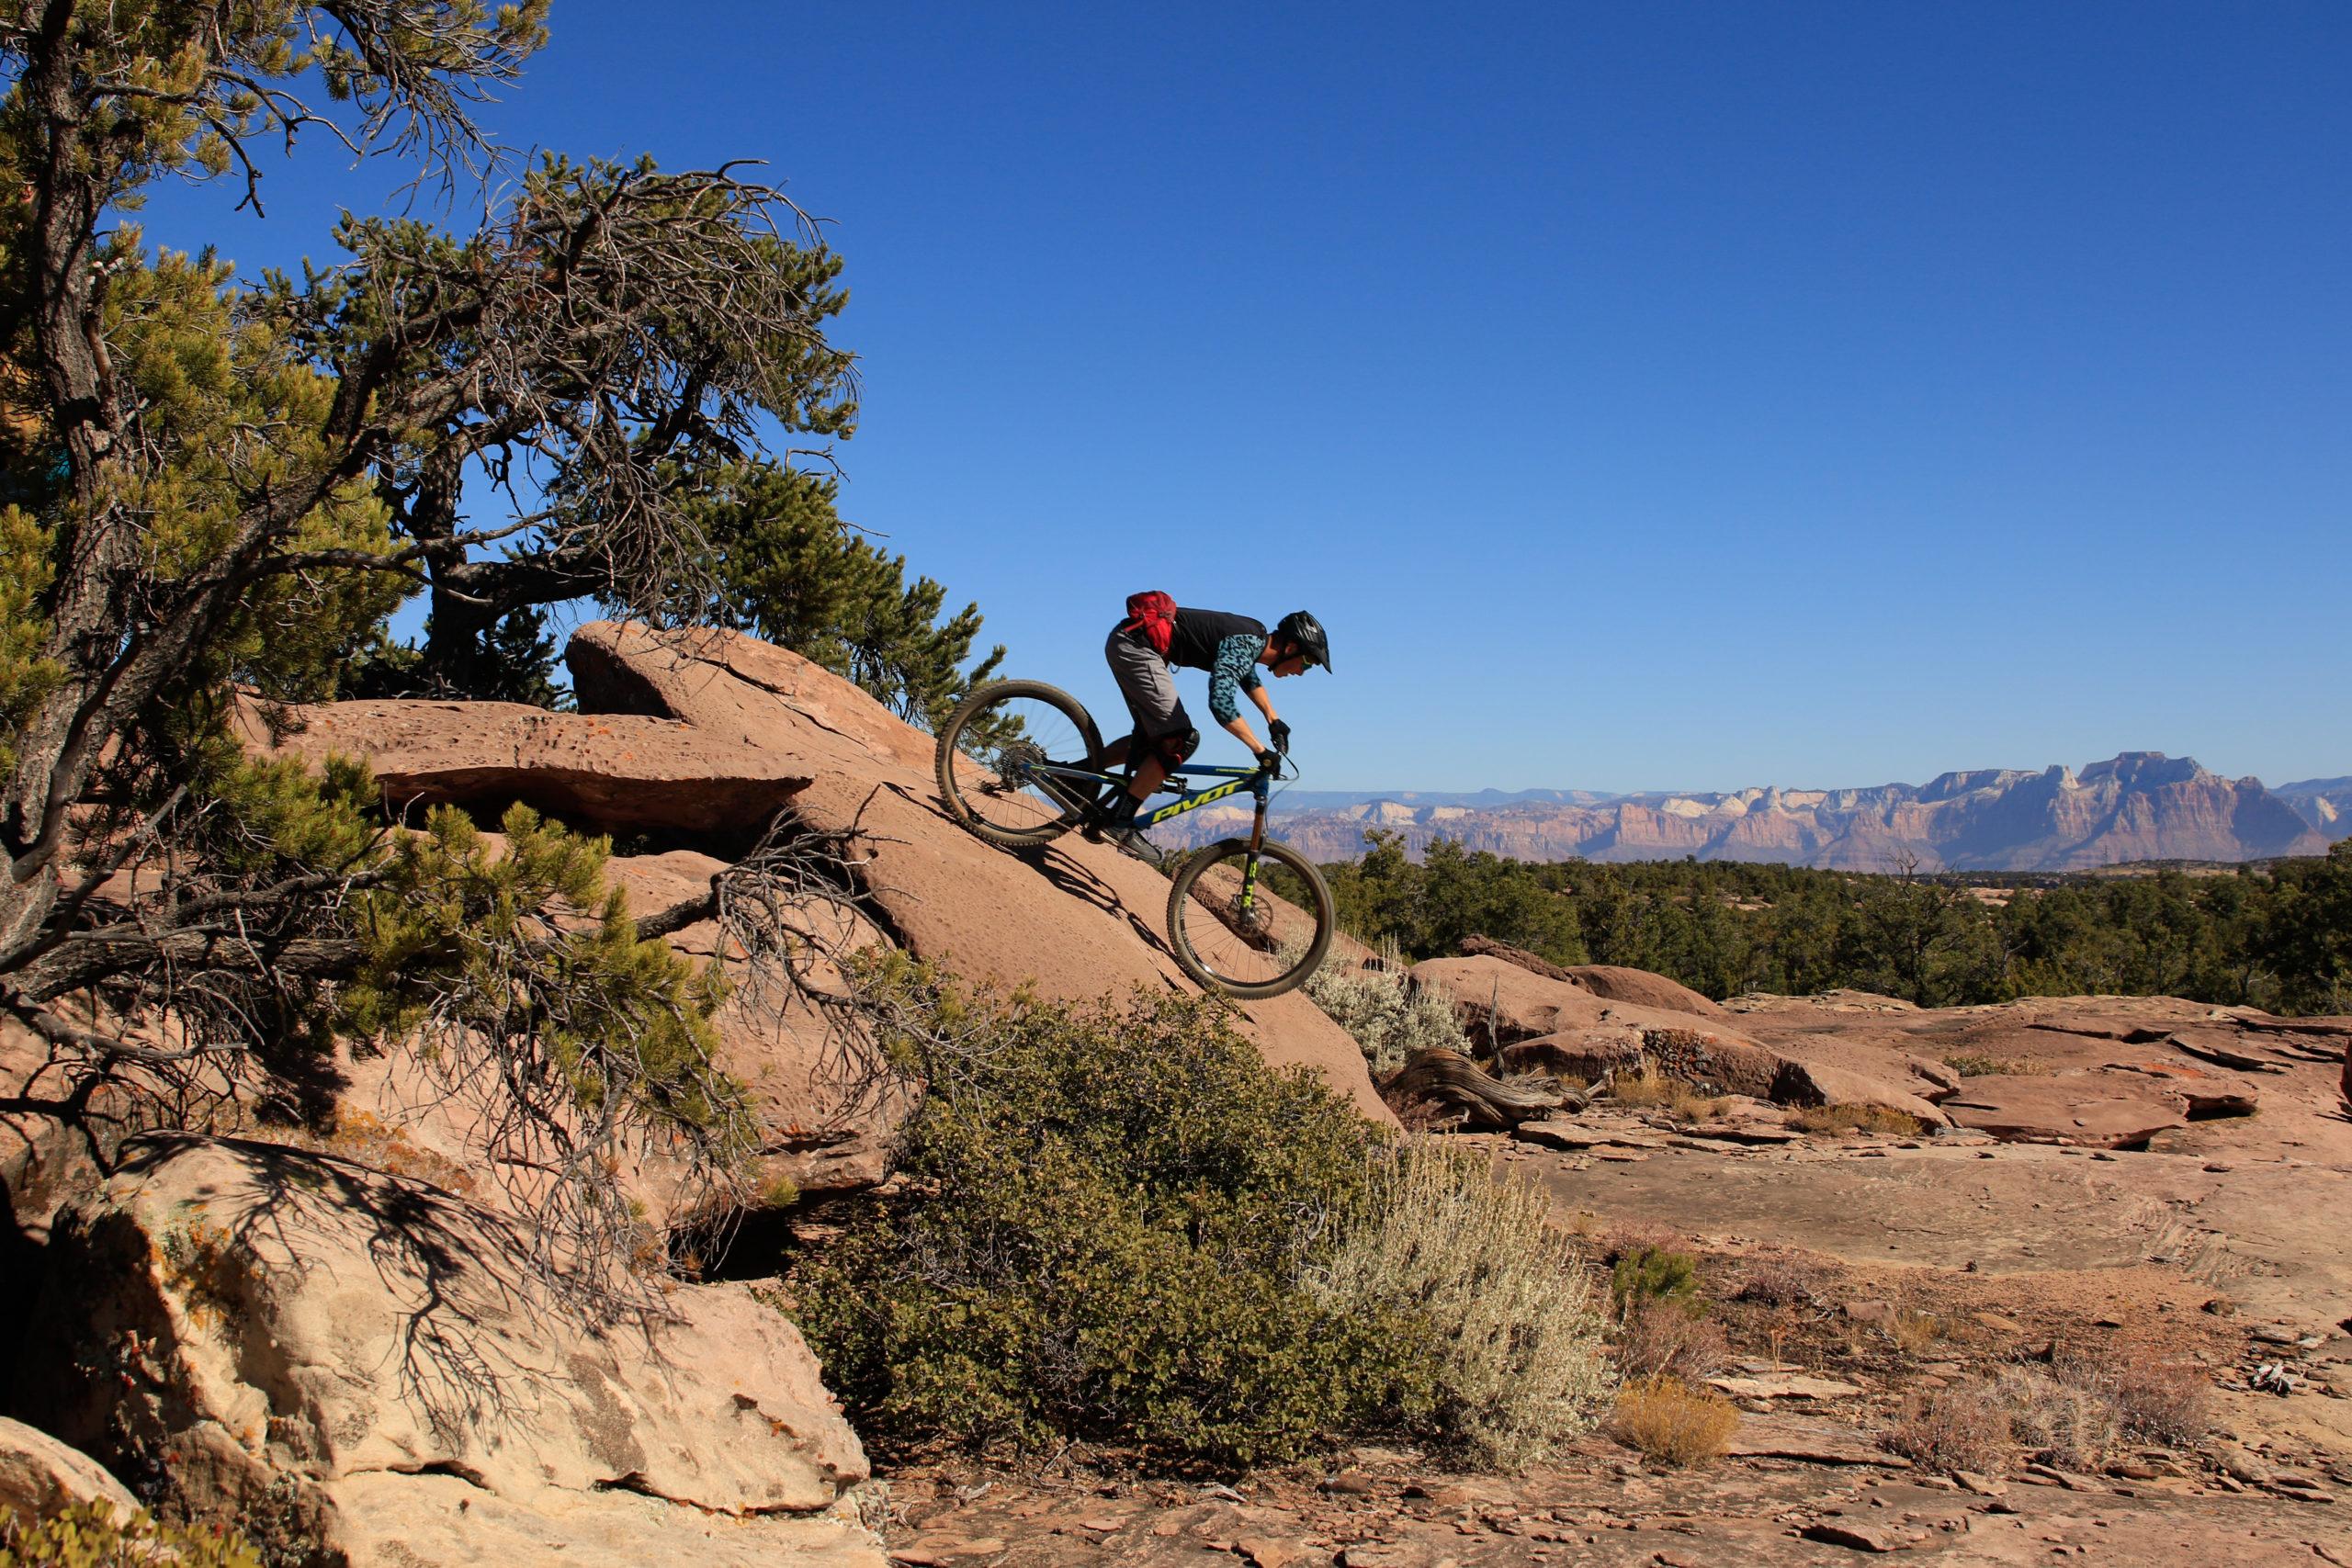 Shred - Mountain Biking - portada